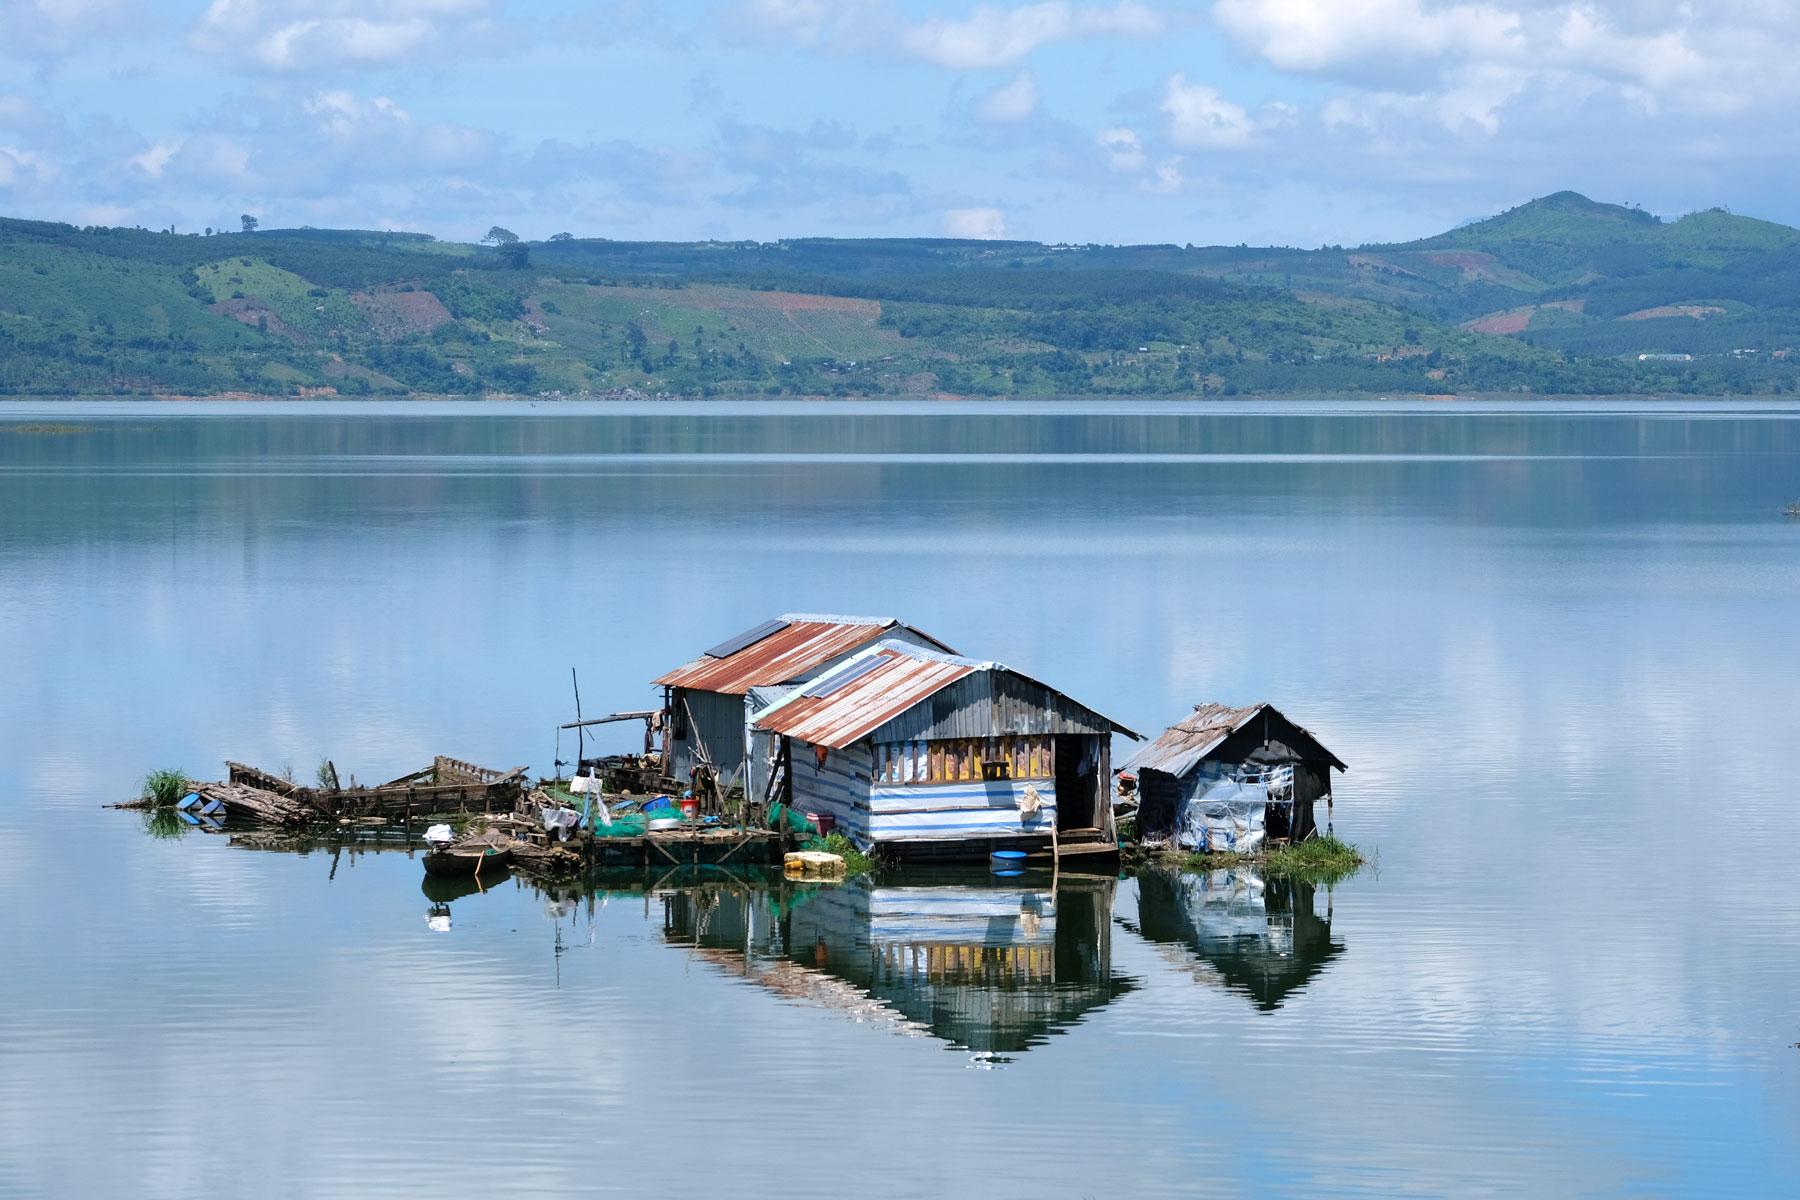 Ein Haus schwimmt auf dem Buôn Tha Sra Reservoir in Vietnam.